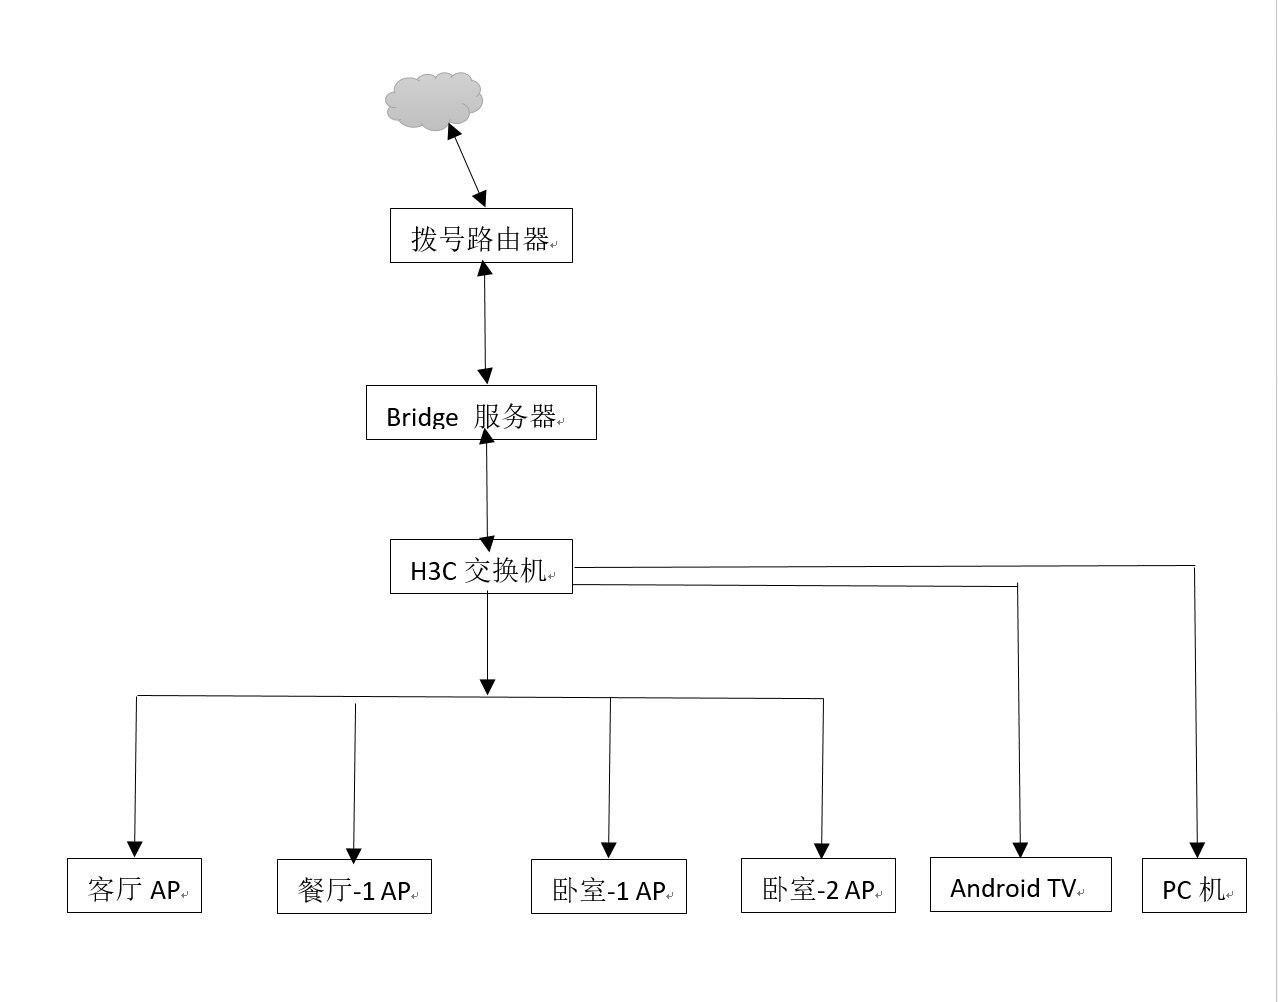 桥接模式 - 网络拓扑